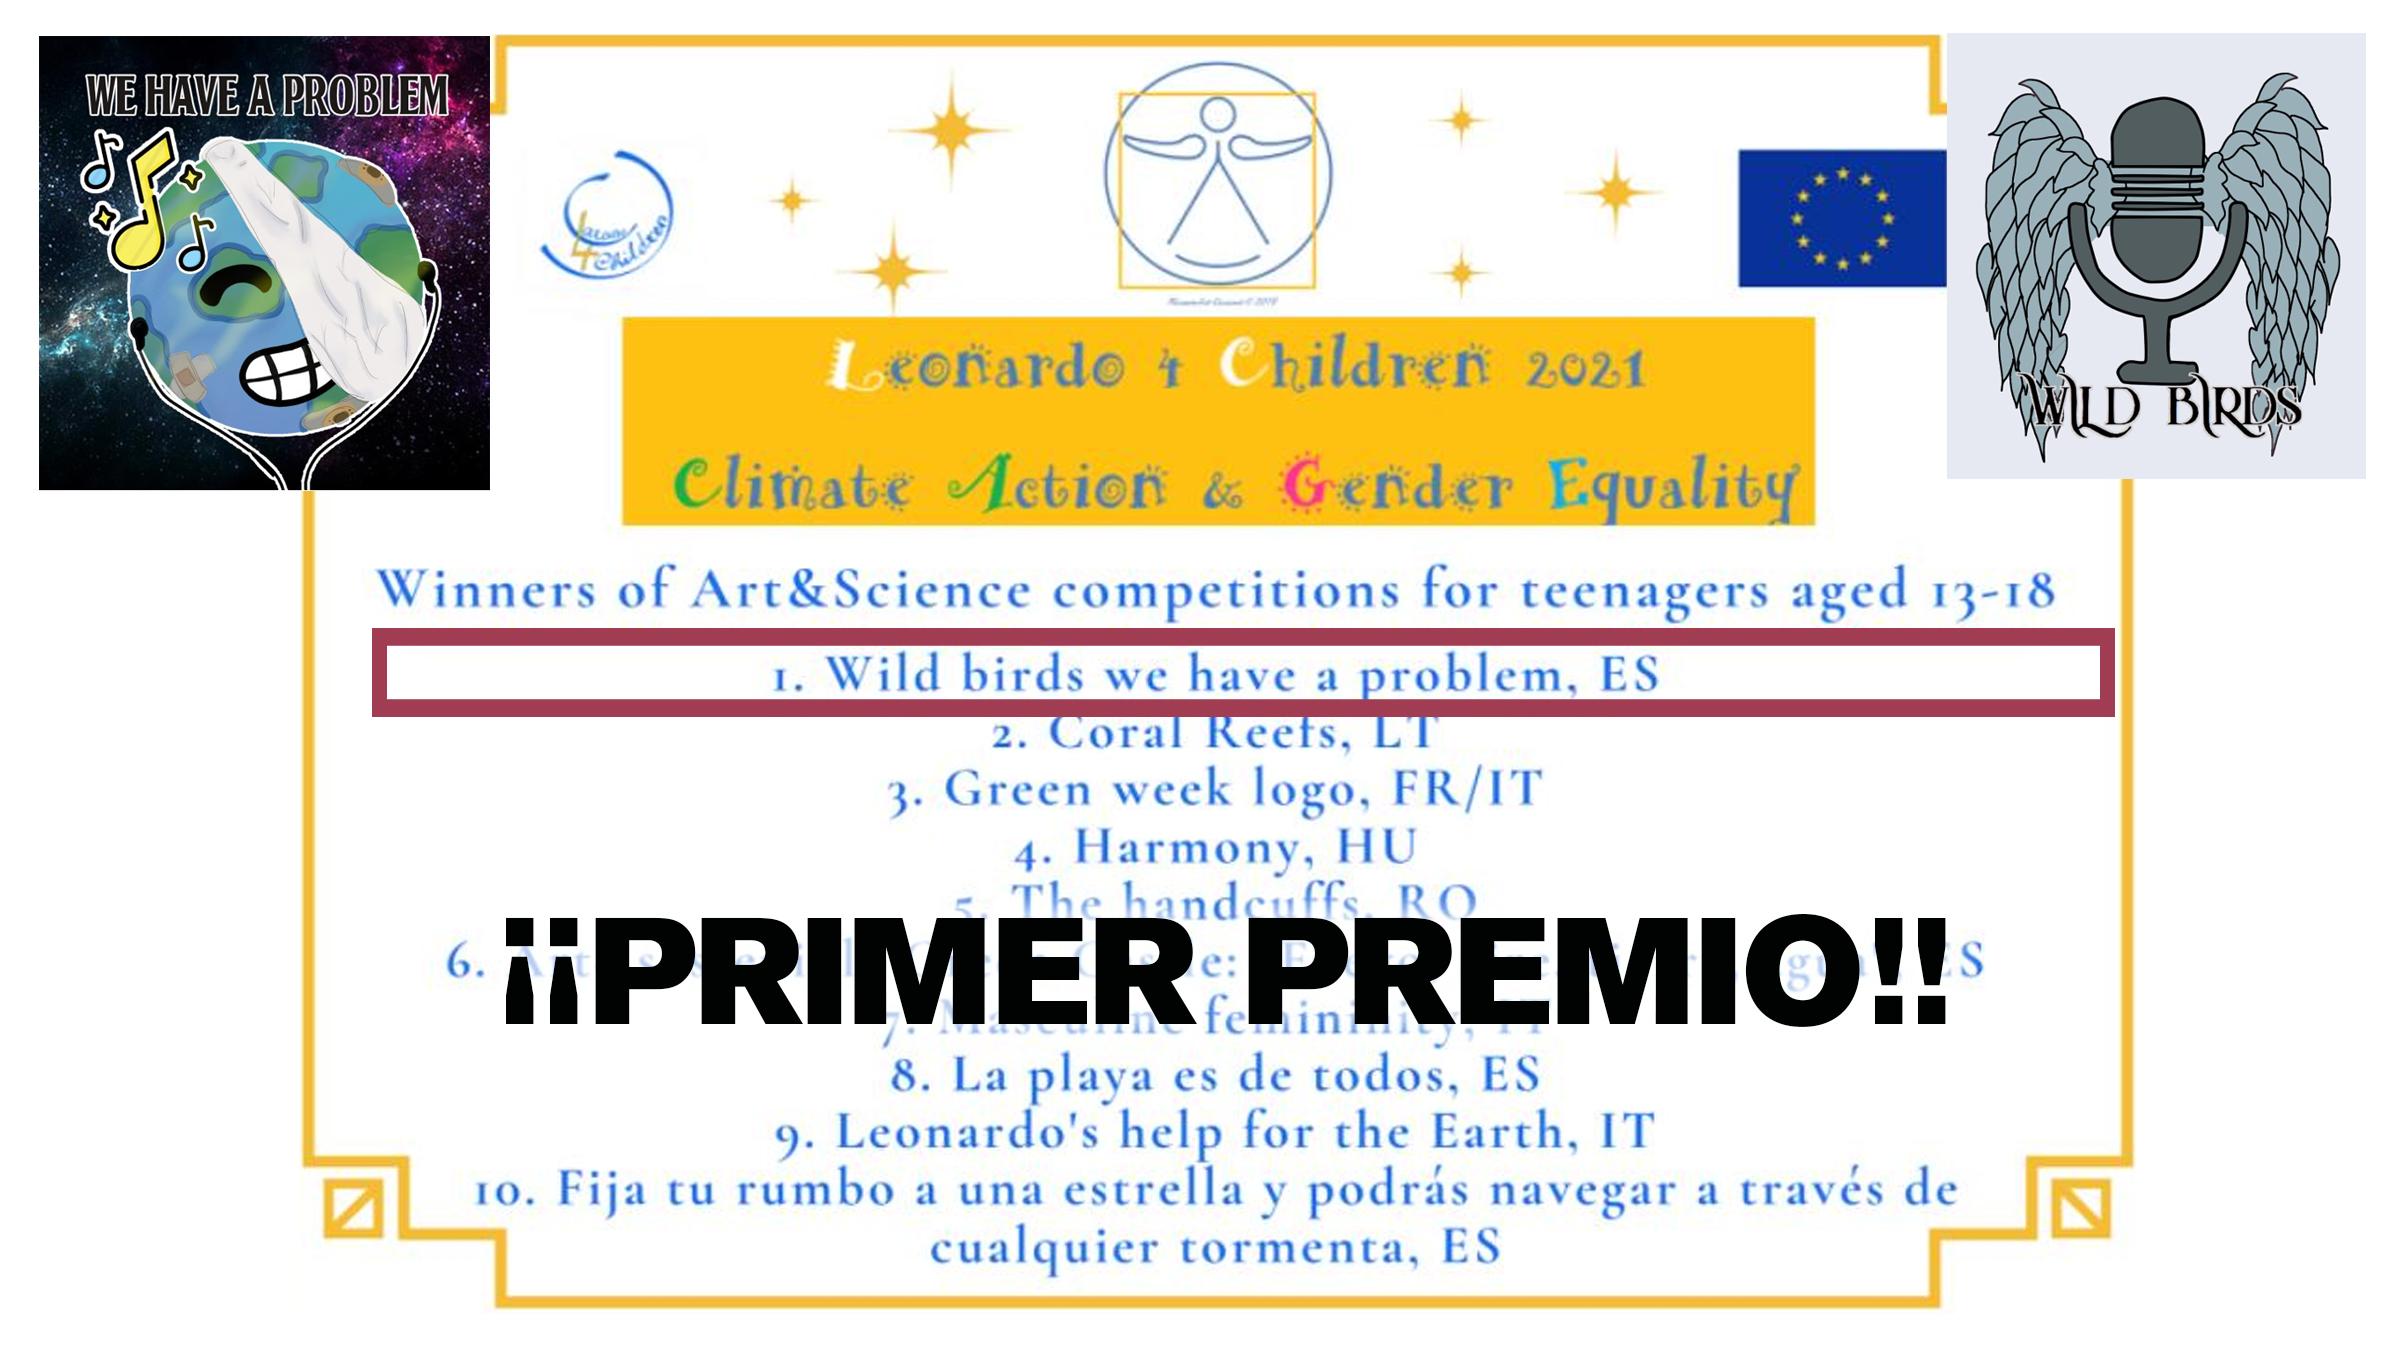 portada_premio_colegio_ntrasrarosario_fefc_ribadesella_birds_210622